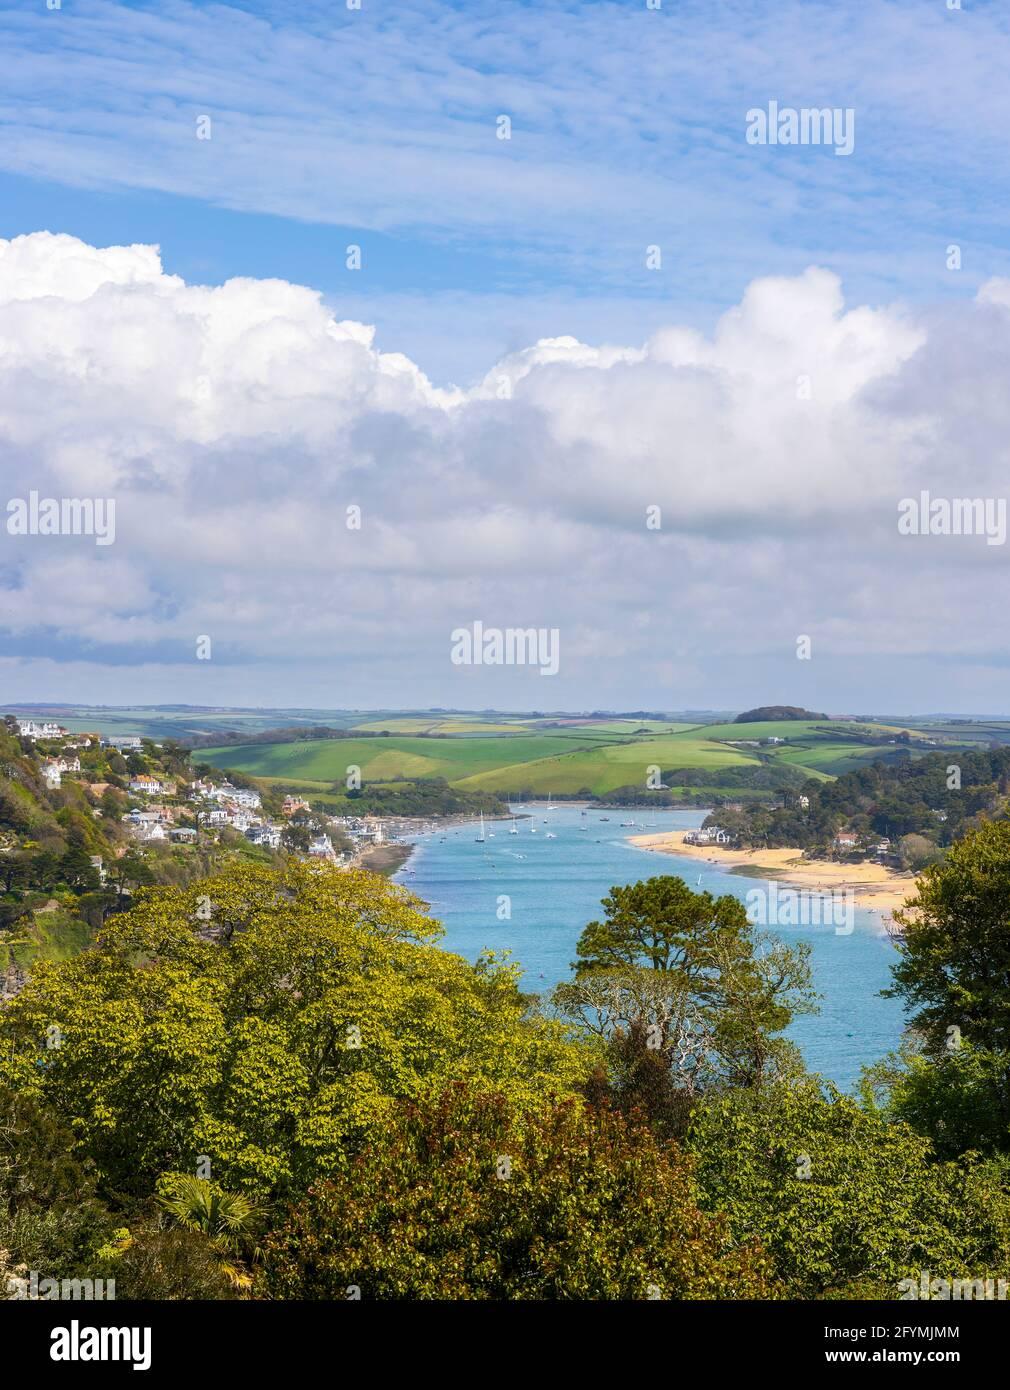 Vista sul porto di Salcombe, sulla città di Salcombe e sulla splendida campagna del Devon. Foto Stock